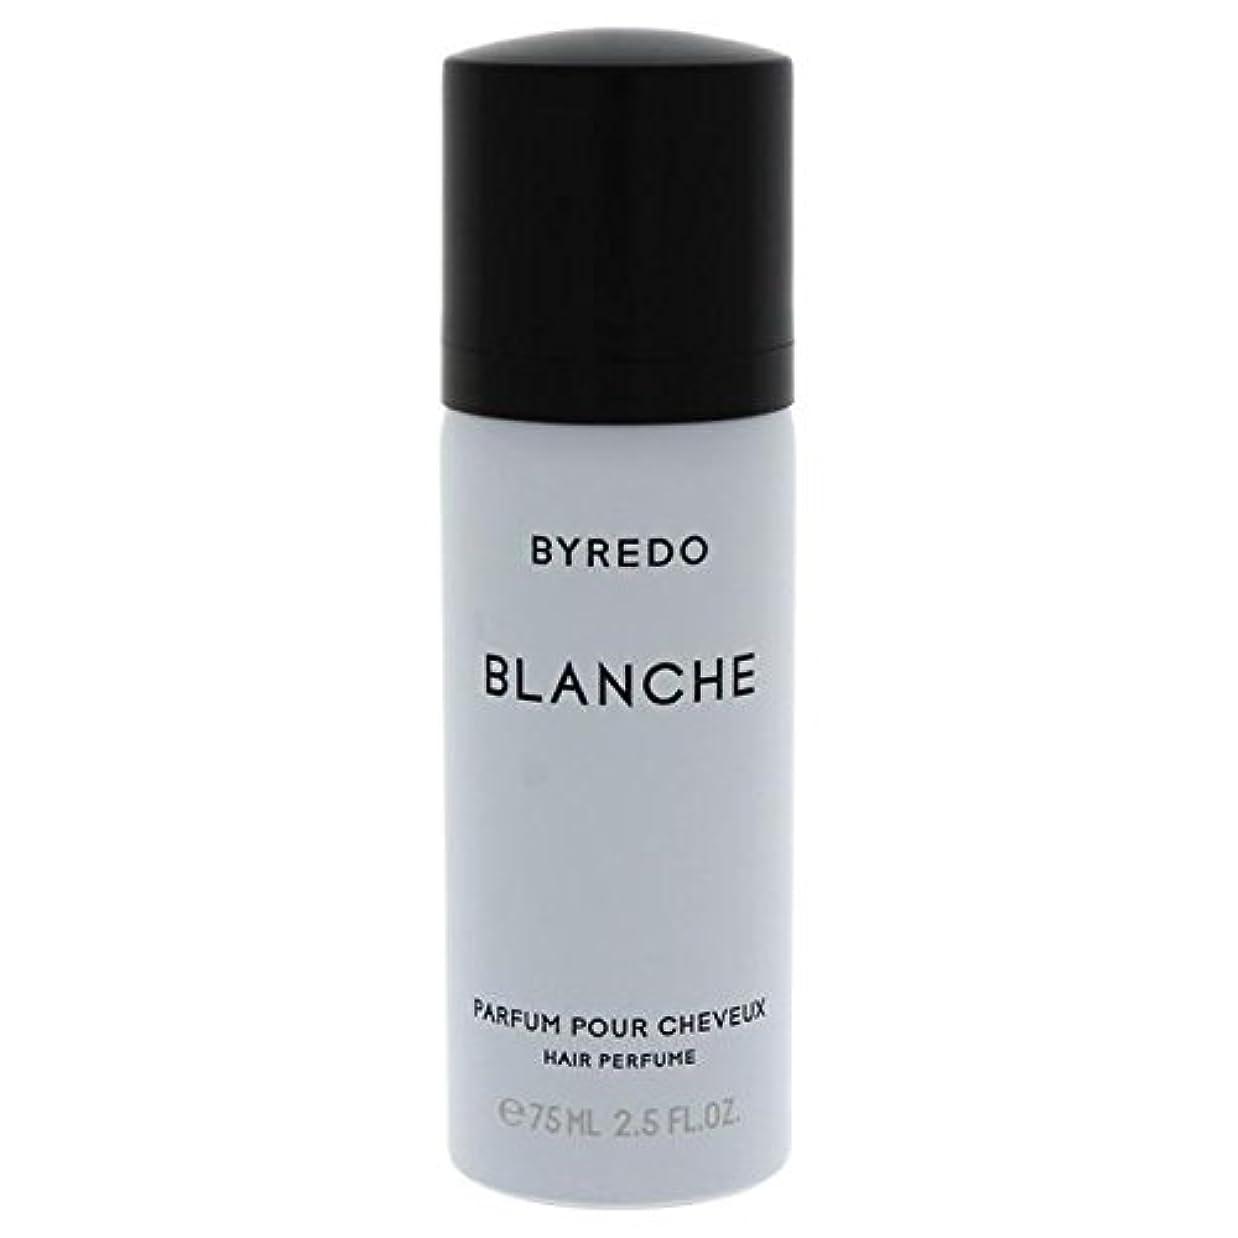 習慣ファーム書き込みバレード ブランシュ ヘアパフューム 75ml BYREDO BLANCHE HAIR PERFUME